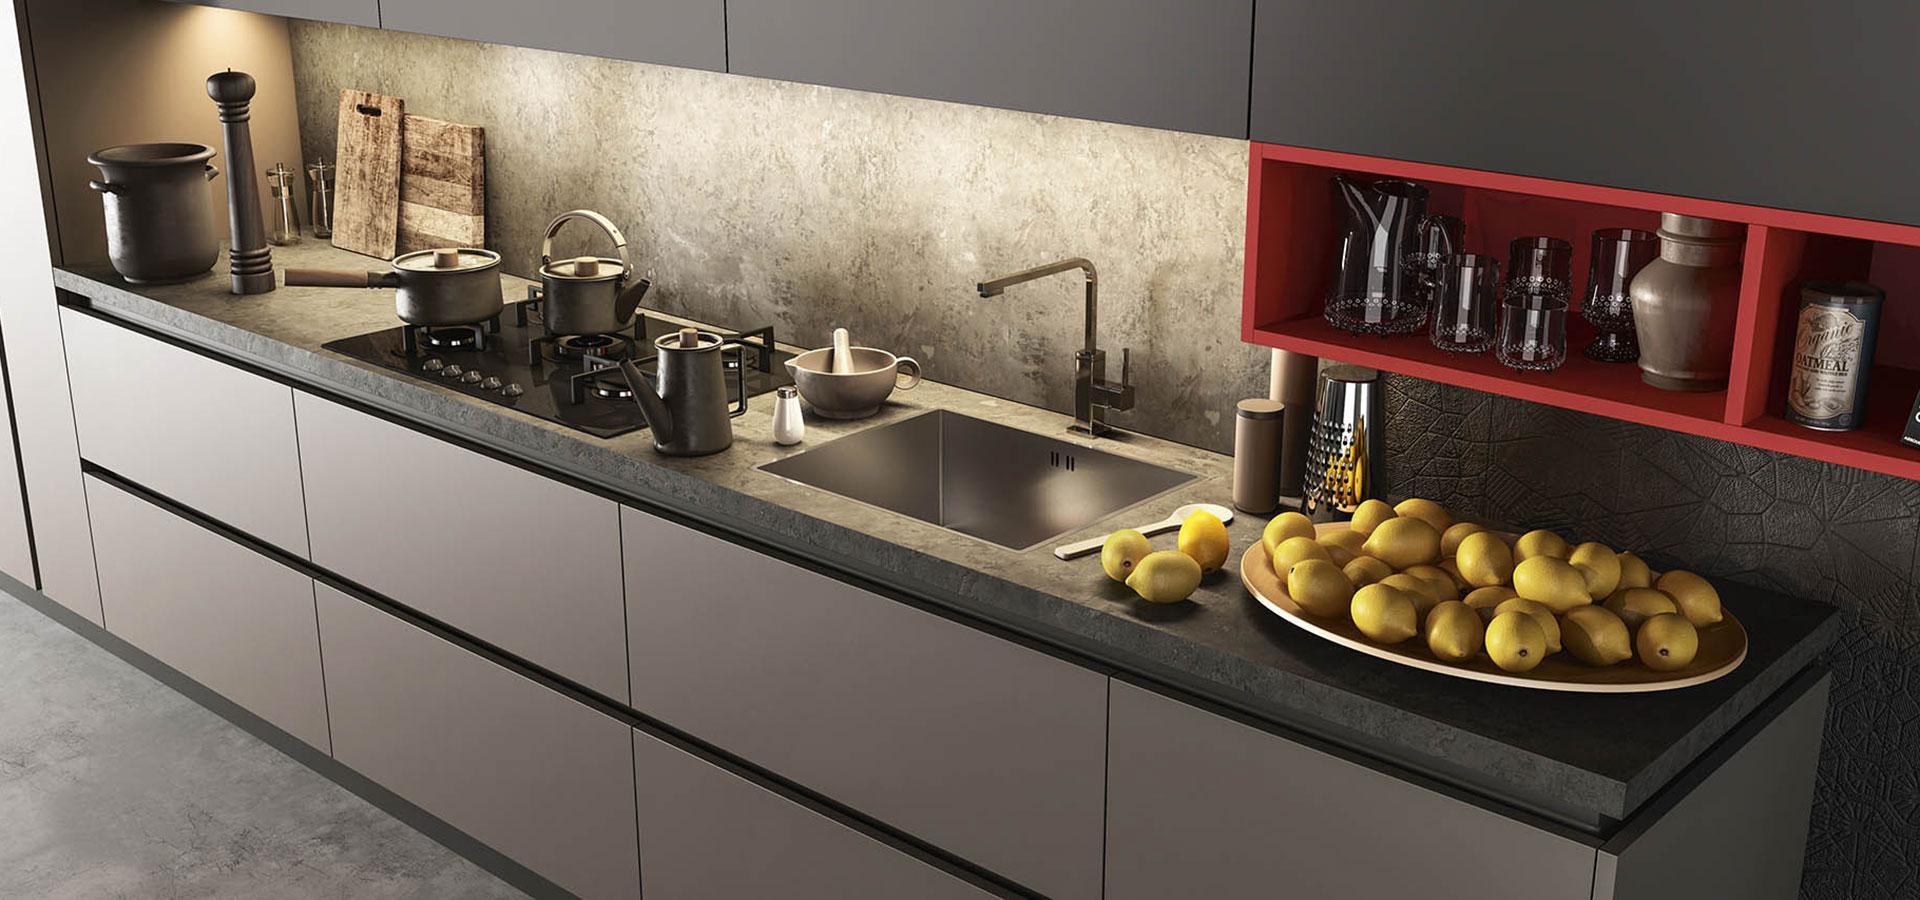 Top cucina: come scegliere il materiale più adatto a te – Design ...